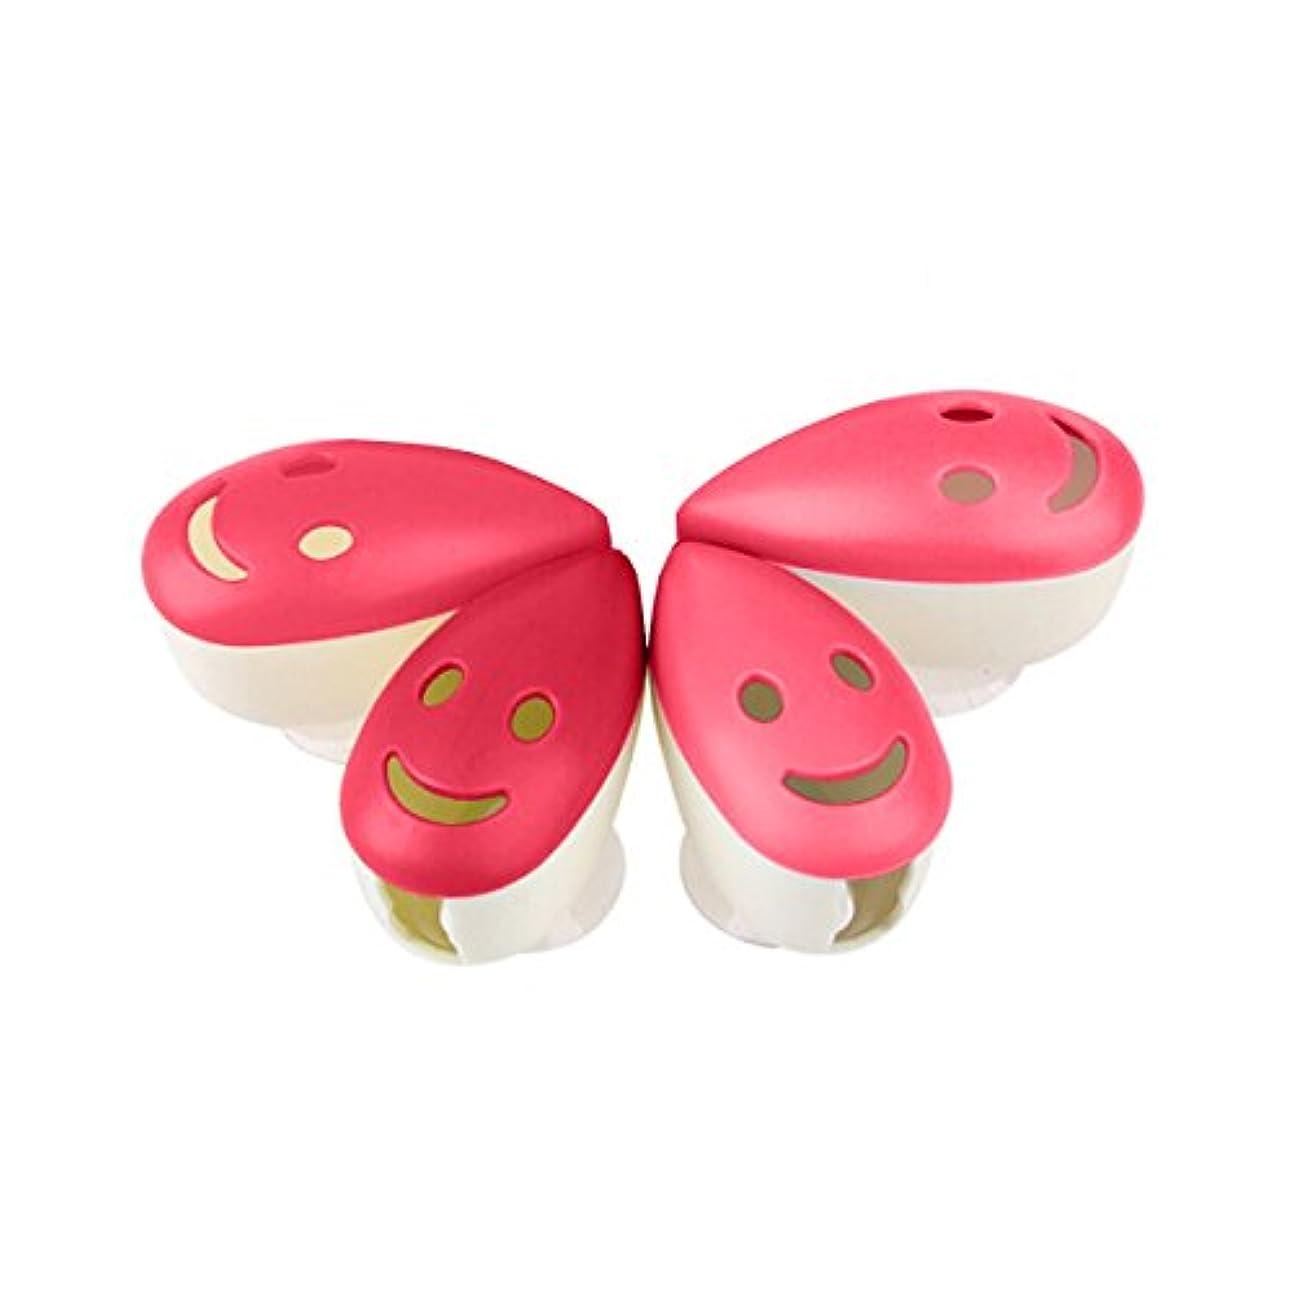 疎外する慣らす略奪ROSENICE 歯ブラシケース4個のスマイルフェイス抗菌歯ブラシホルダーサクションカップ(混合色)